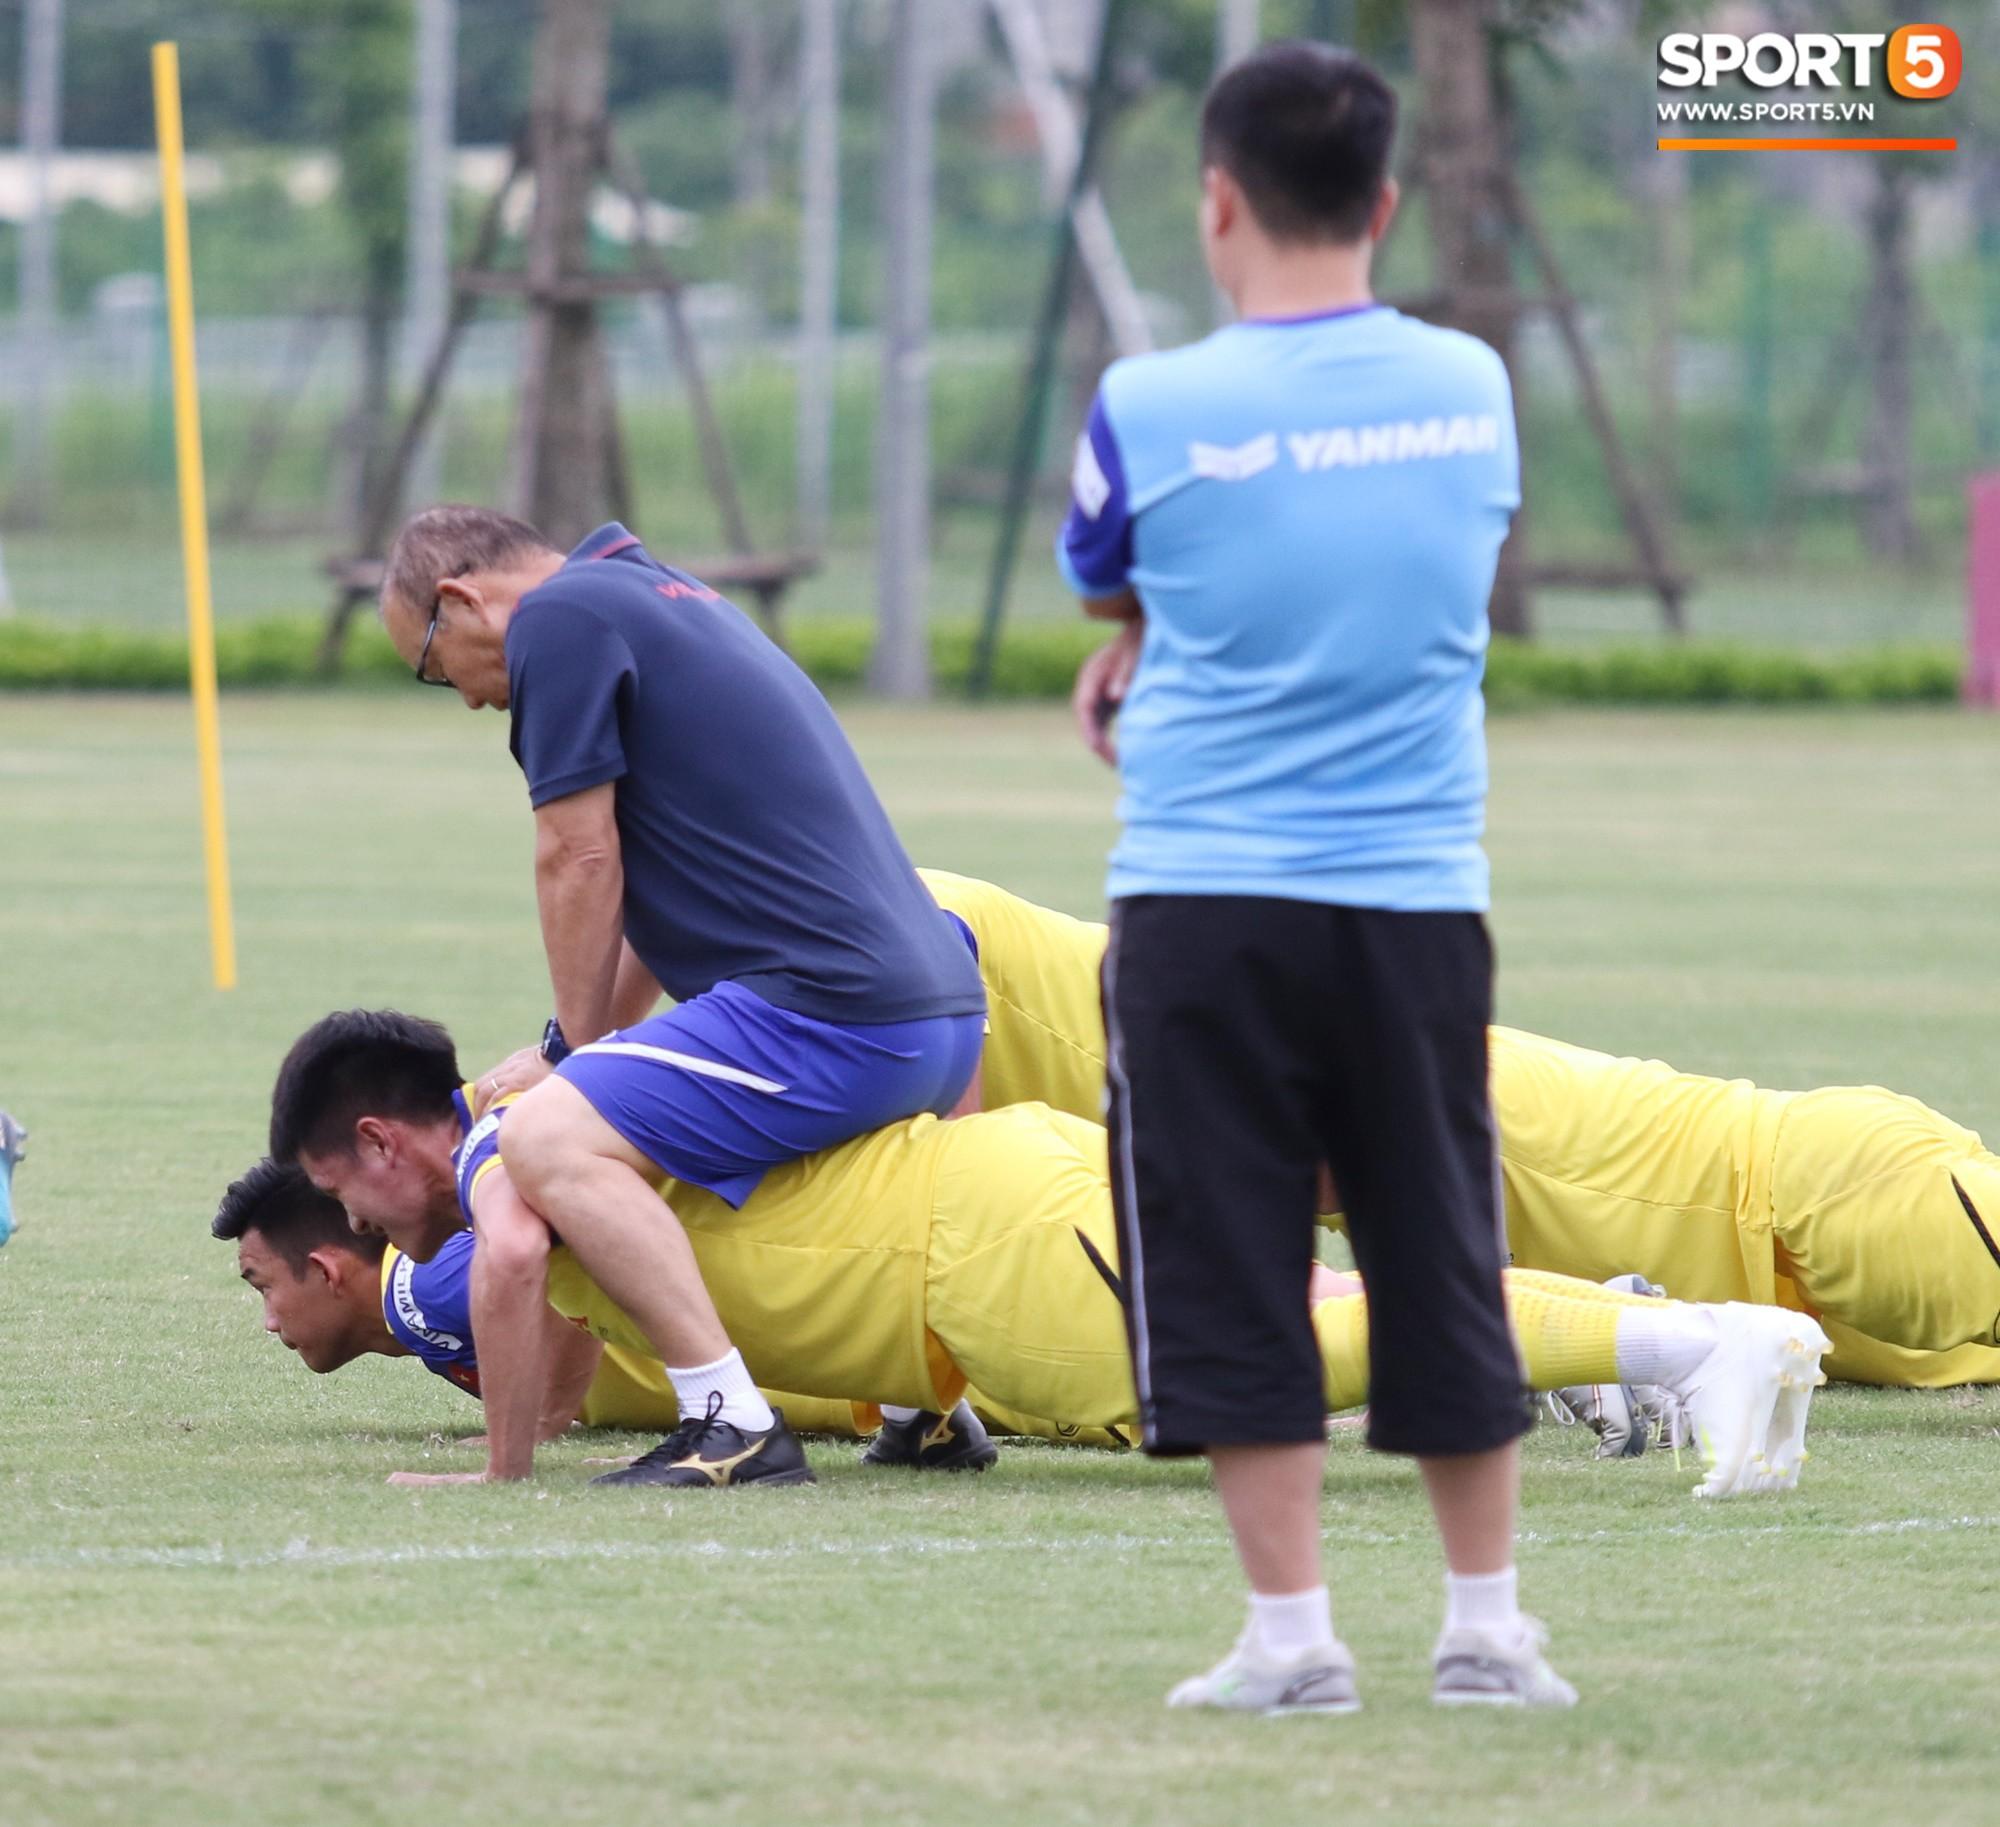 HLV Park Hang Seo đè đầu cưỡi cổ học trò trong buổi tập trước trận giao hữu với Viettel-2